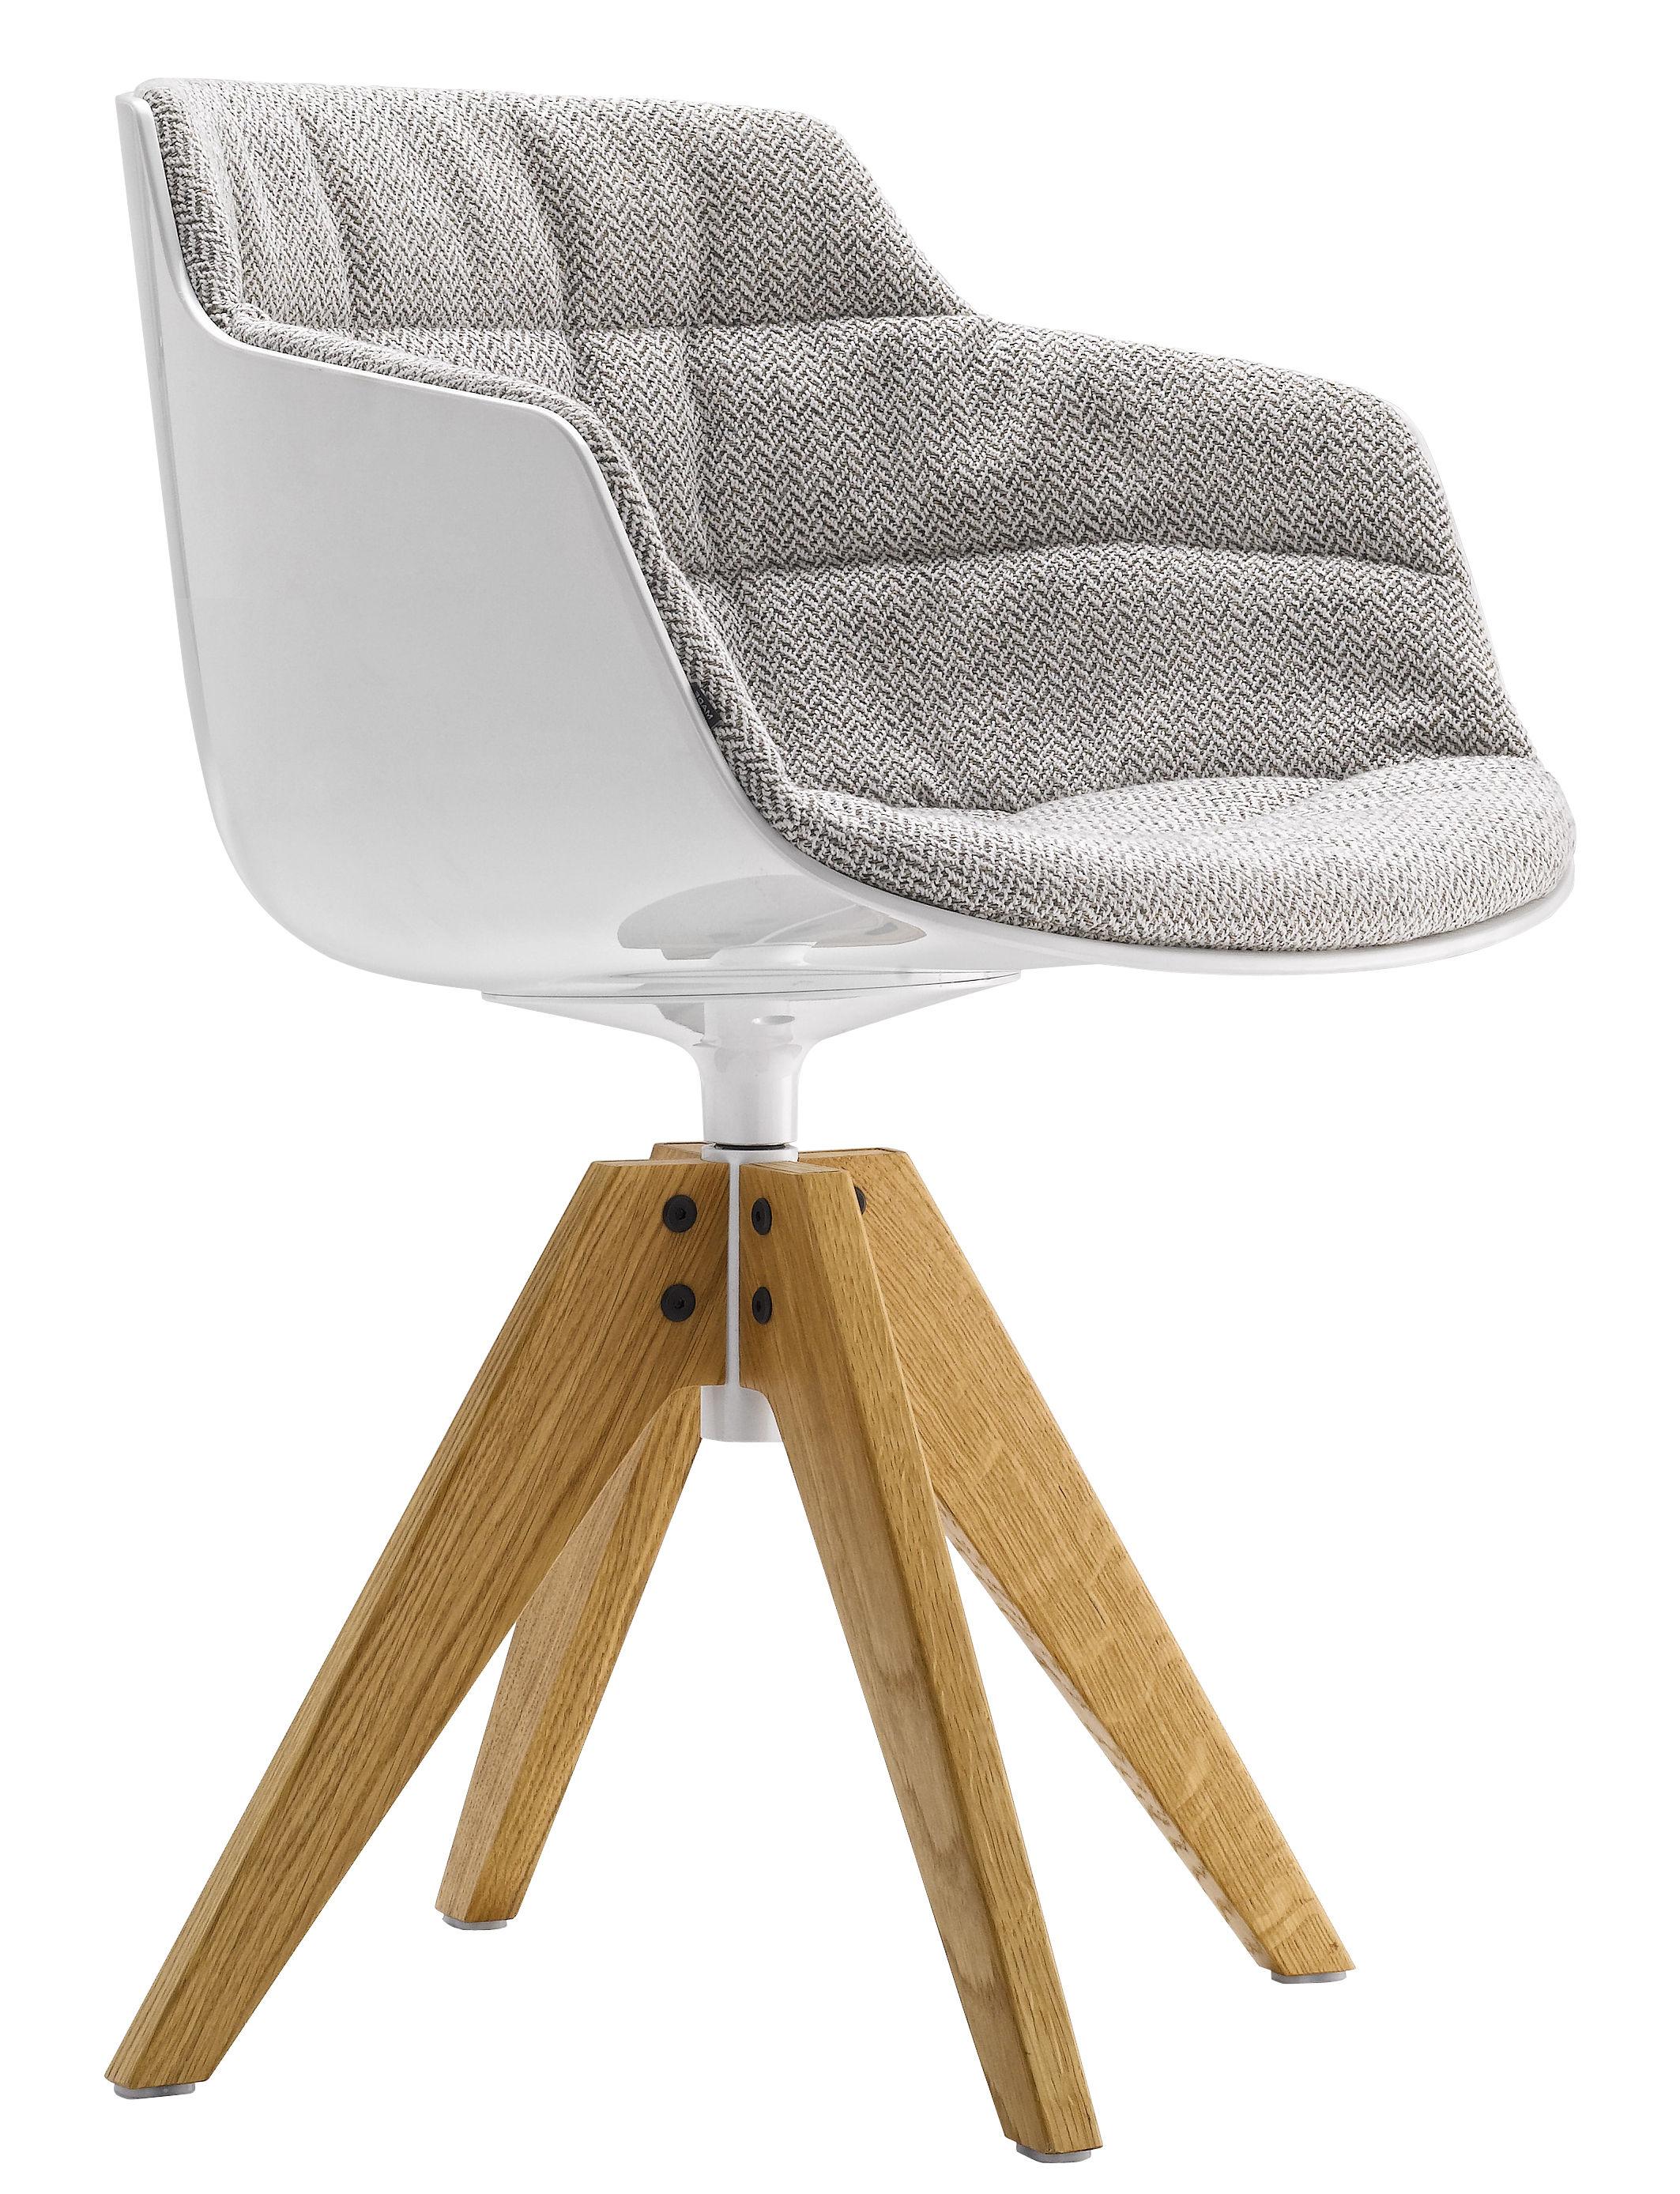 Mobilier - Chaises, fauteuils de salle à manger - Fauteuil pivotant Flow Slim / Rembourré - 4 pieds VN chêne - MDF Italia - Tissu gris clair / Pieds chêne - Aluminium laqué, Polycarbonate, Tissu